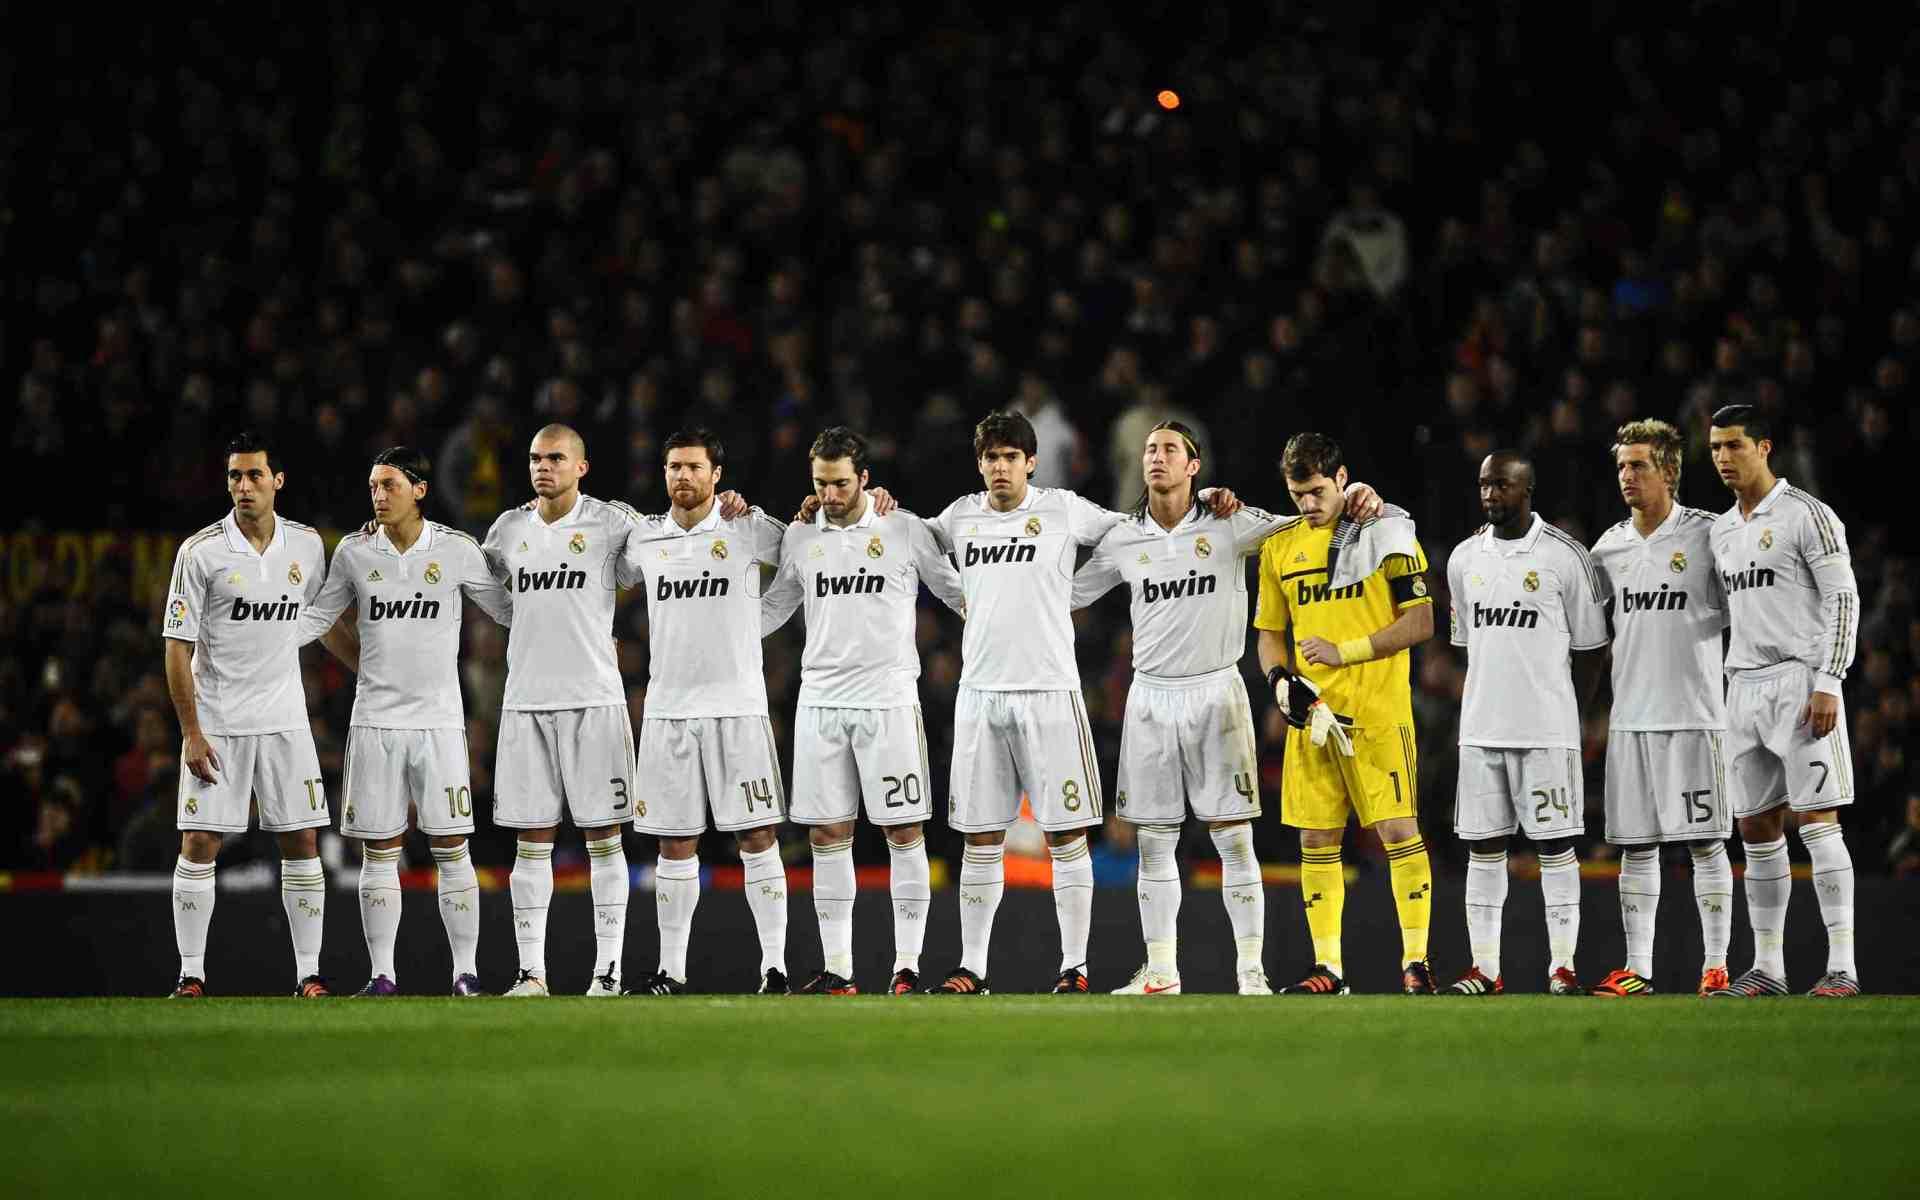 50 Real Madrid Wallpapers For Desktop On Wallpapersafari